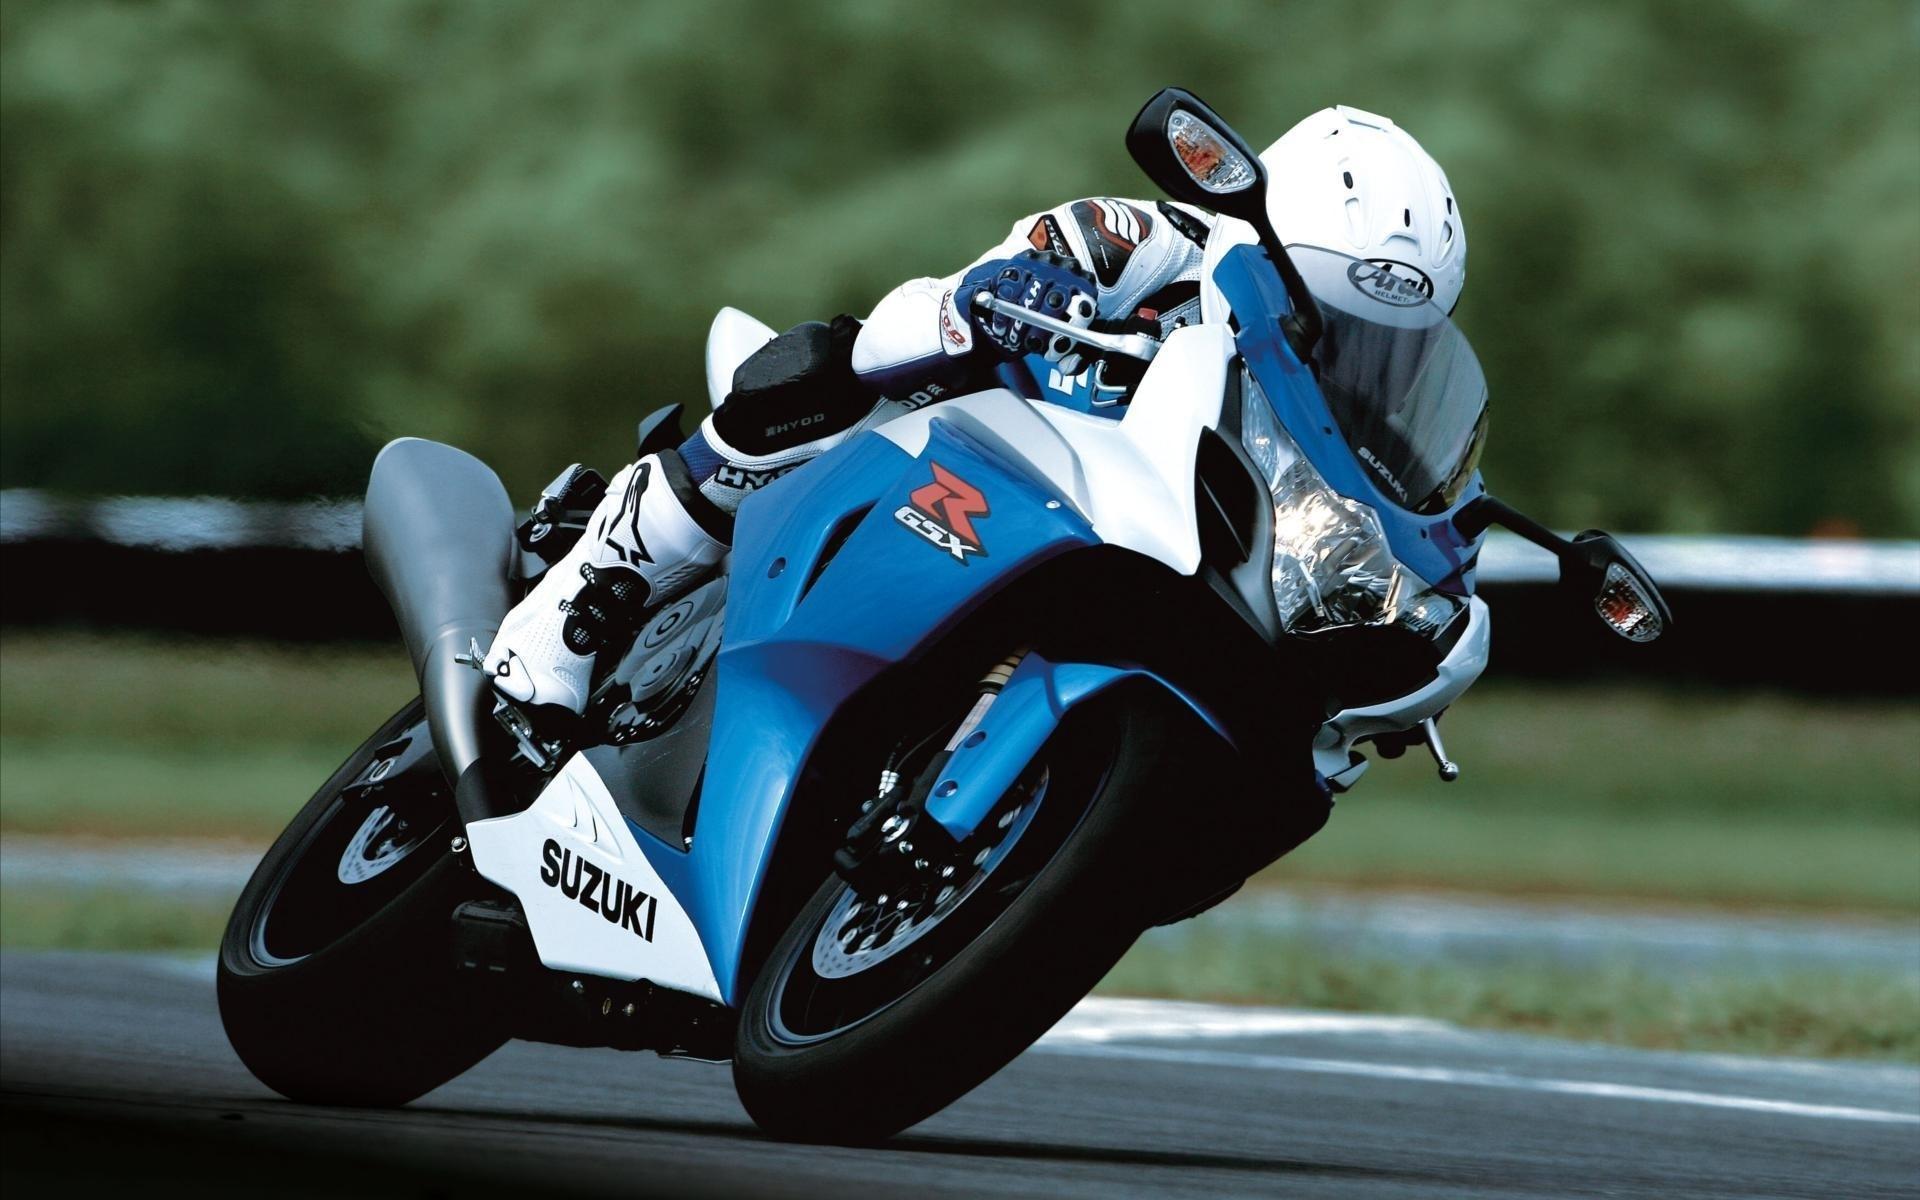 bikes suzuki roads superbike vehicles motorbikes motorcycle track